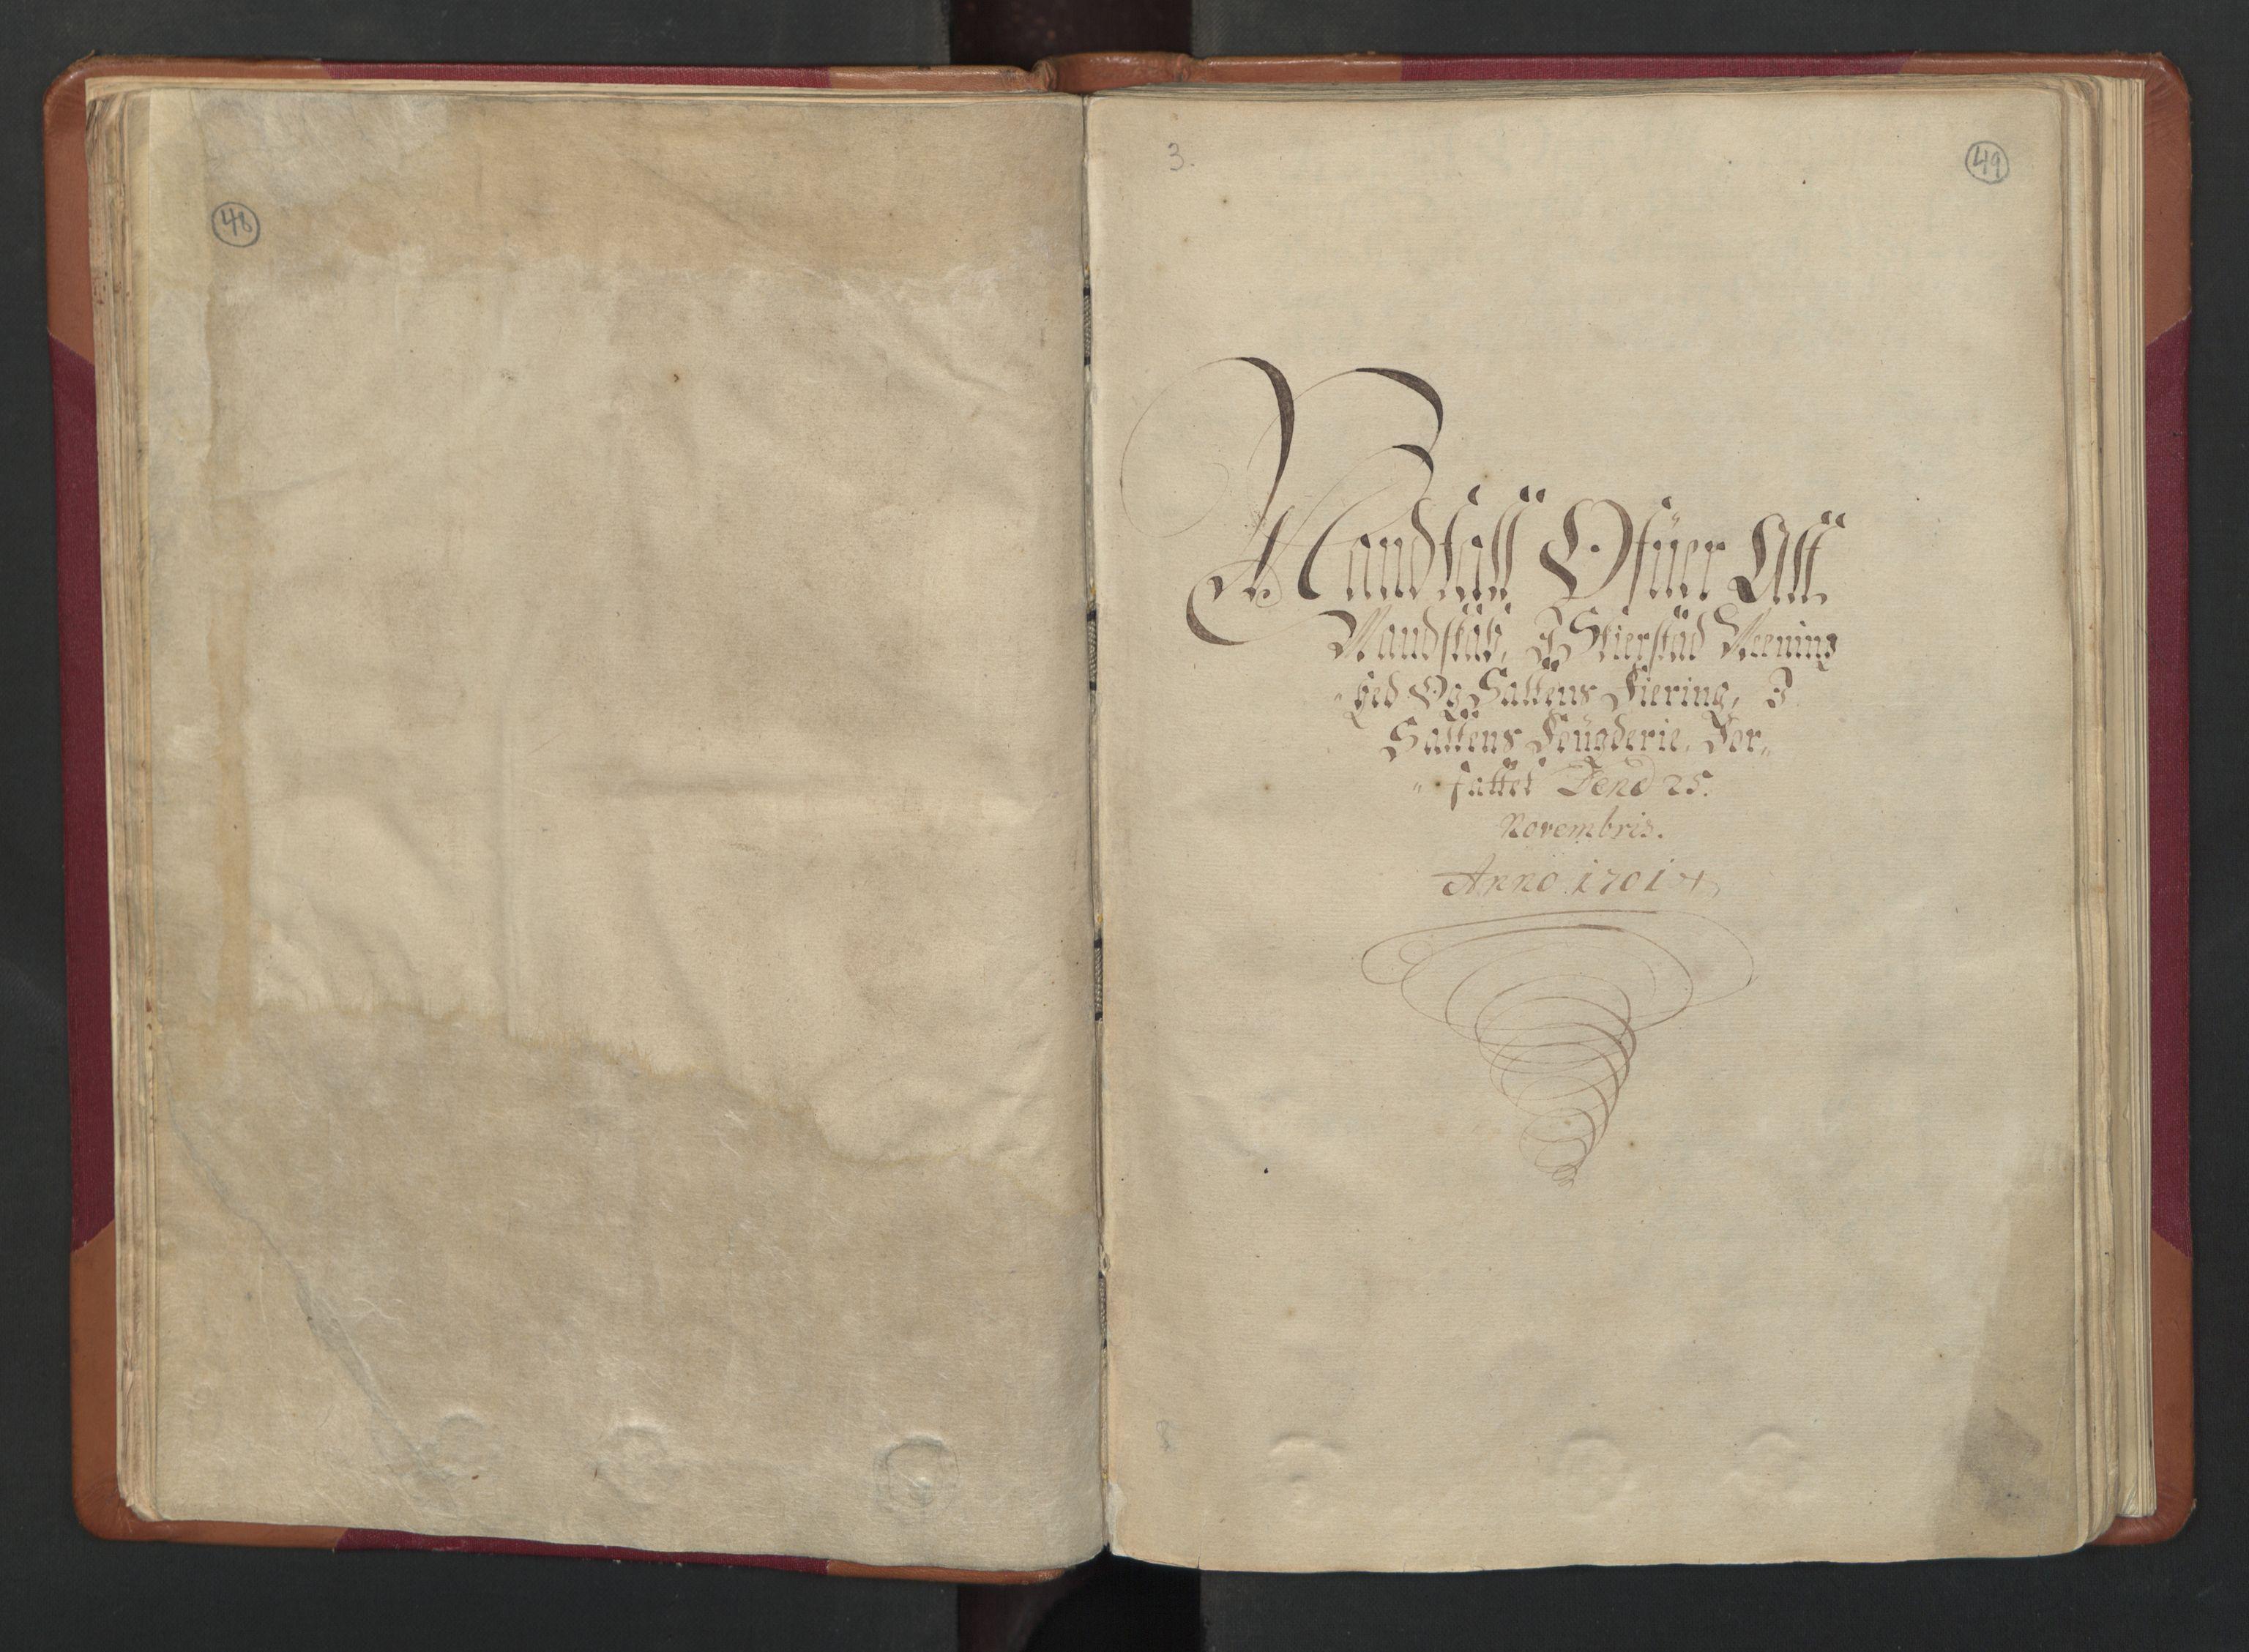 RA, Census (manntall) 1701, no. 17: Salten fogderi, 1701, p. 48-49